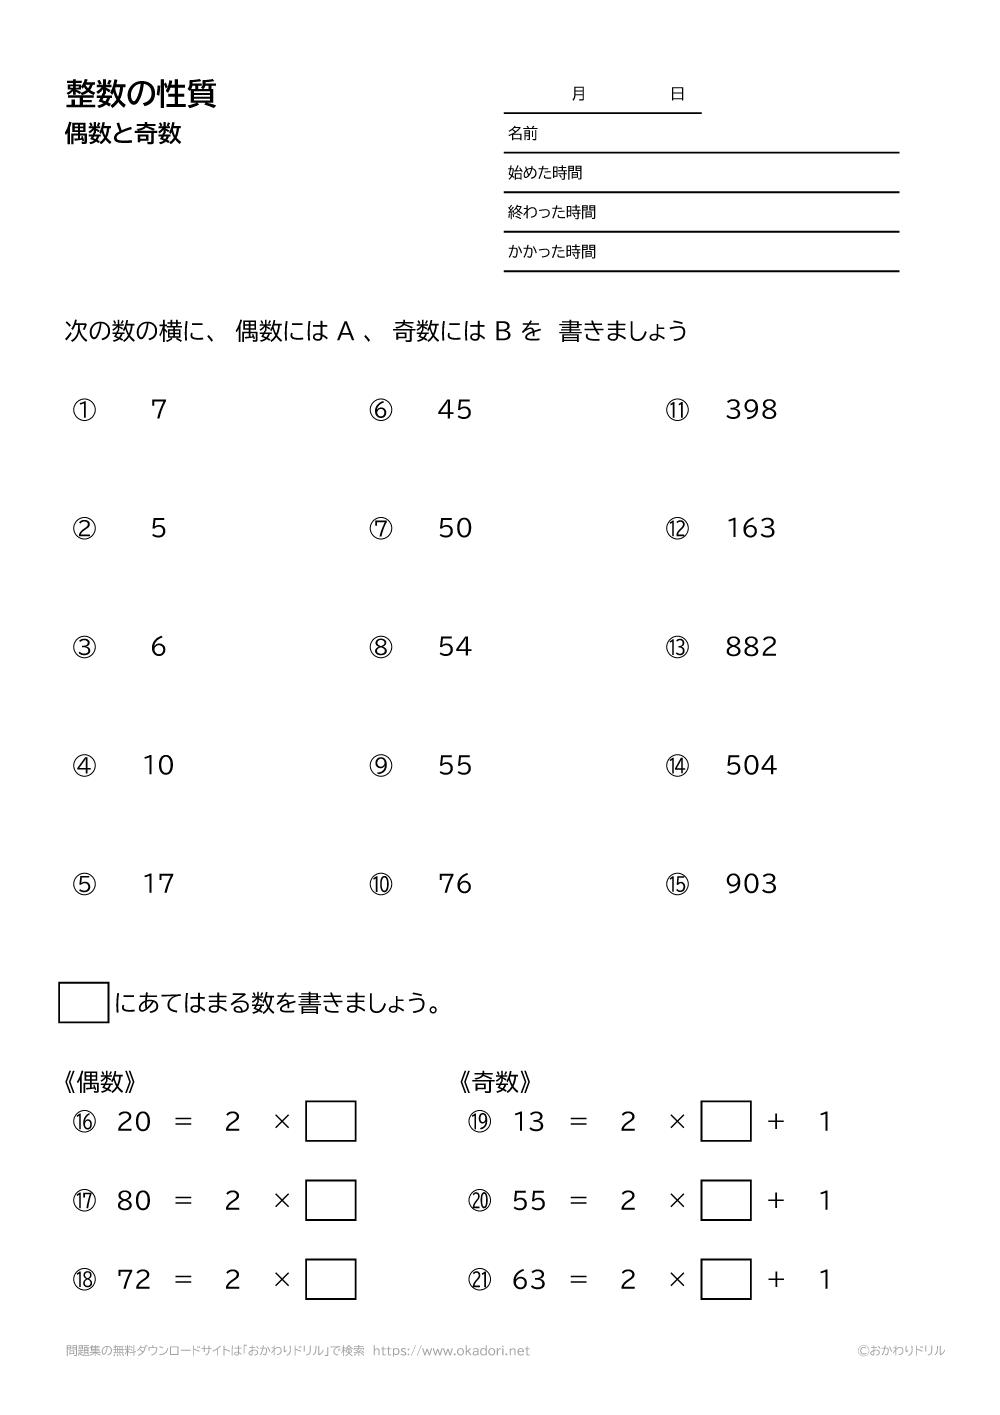 整数の性質-偶数と奇数-2